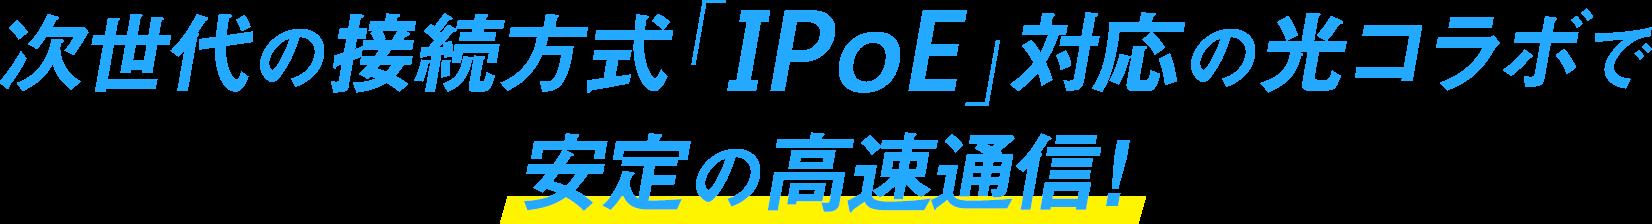 次世代の接続方式「IPoE」対応の光コラボで安定の高速通信!